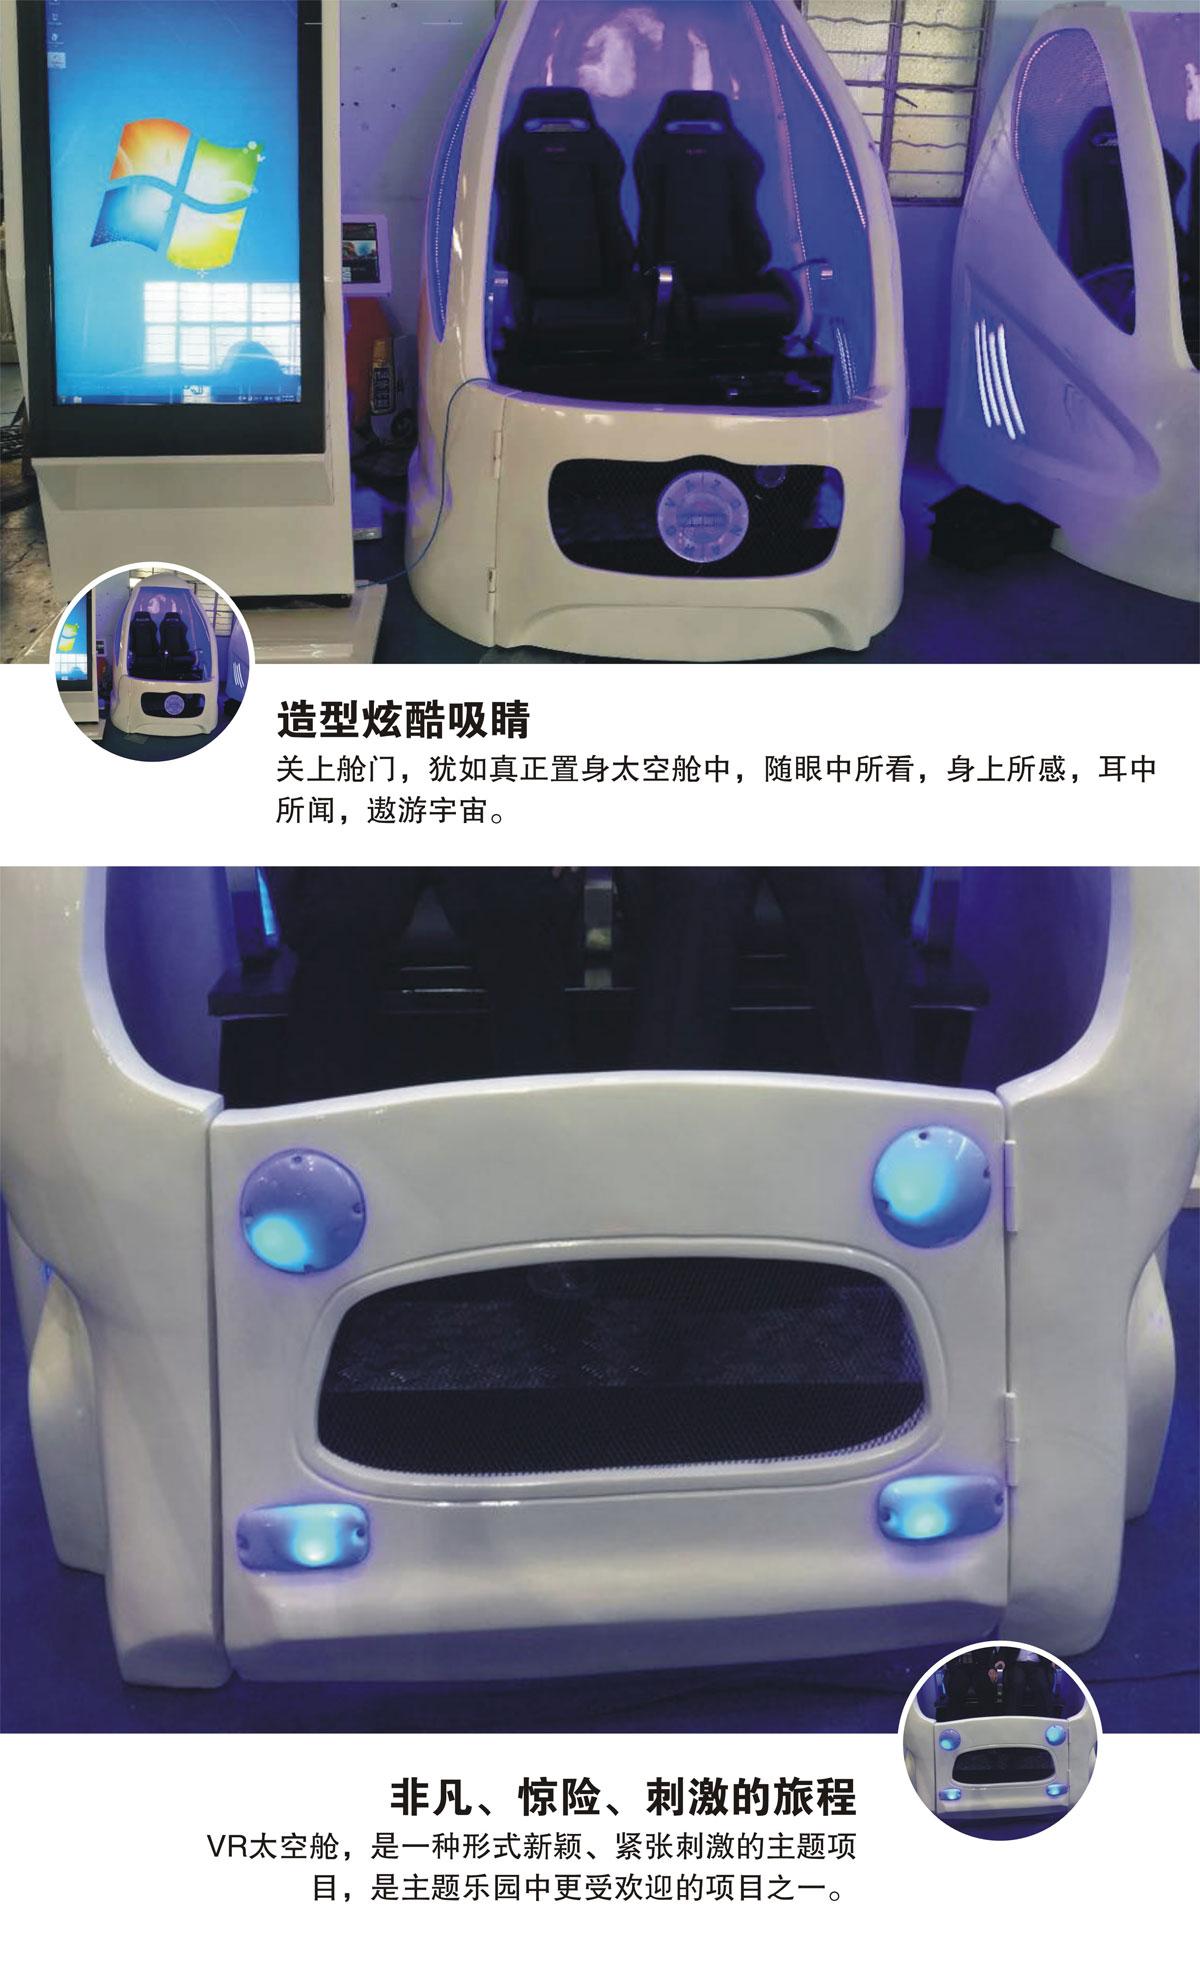 安全体验VR太空舱造型炫酷吸睛.jpg